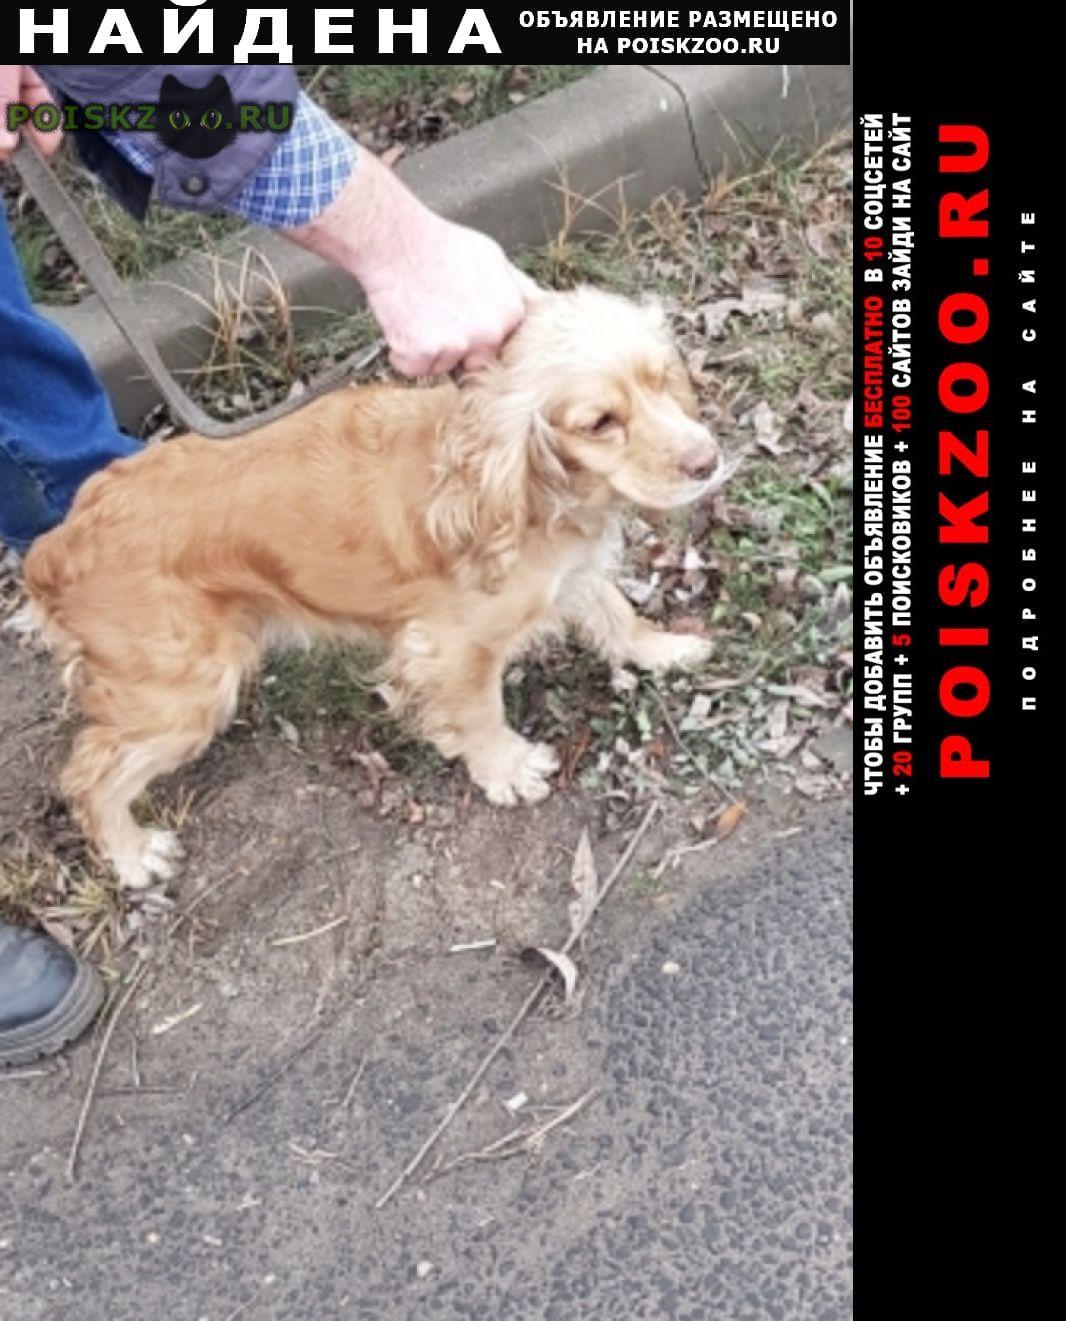 Найдена собака спаниель московская область г.Реутов